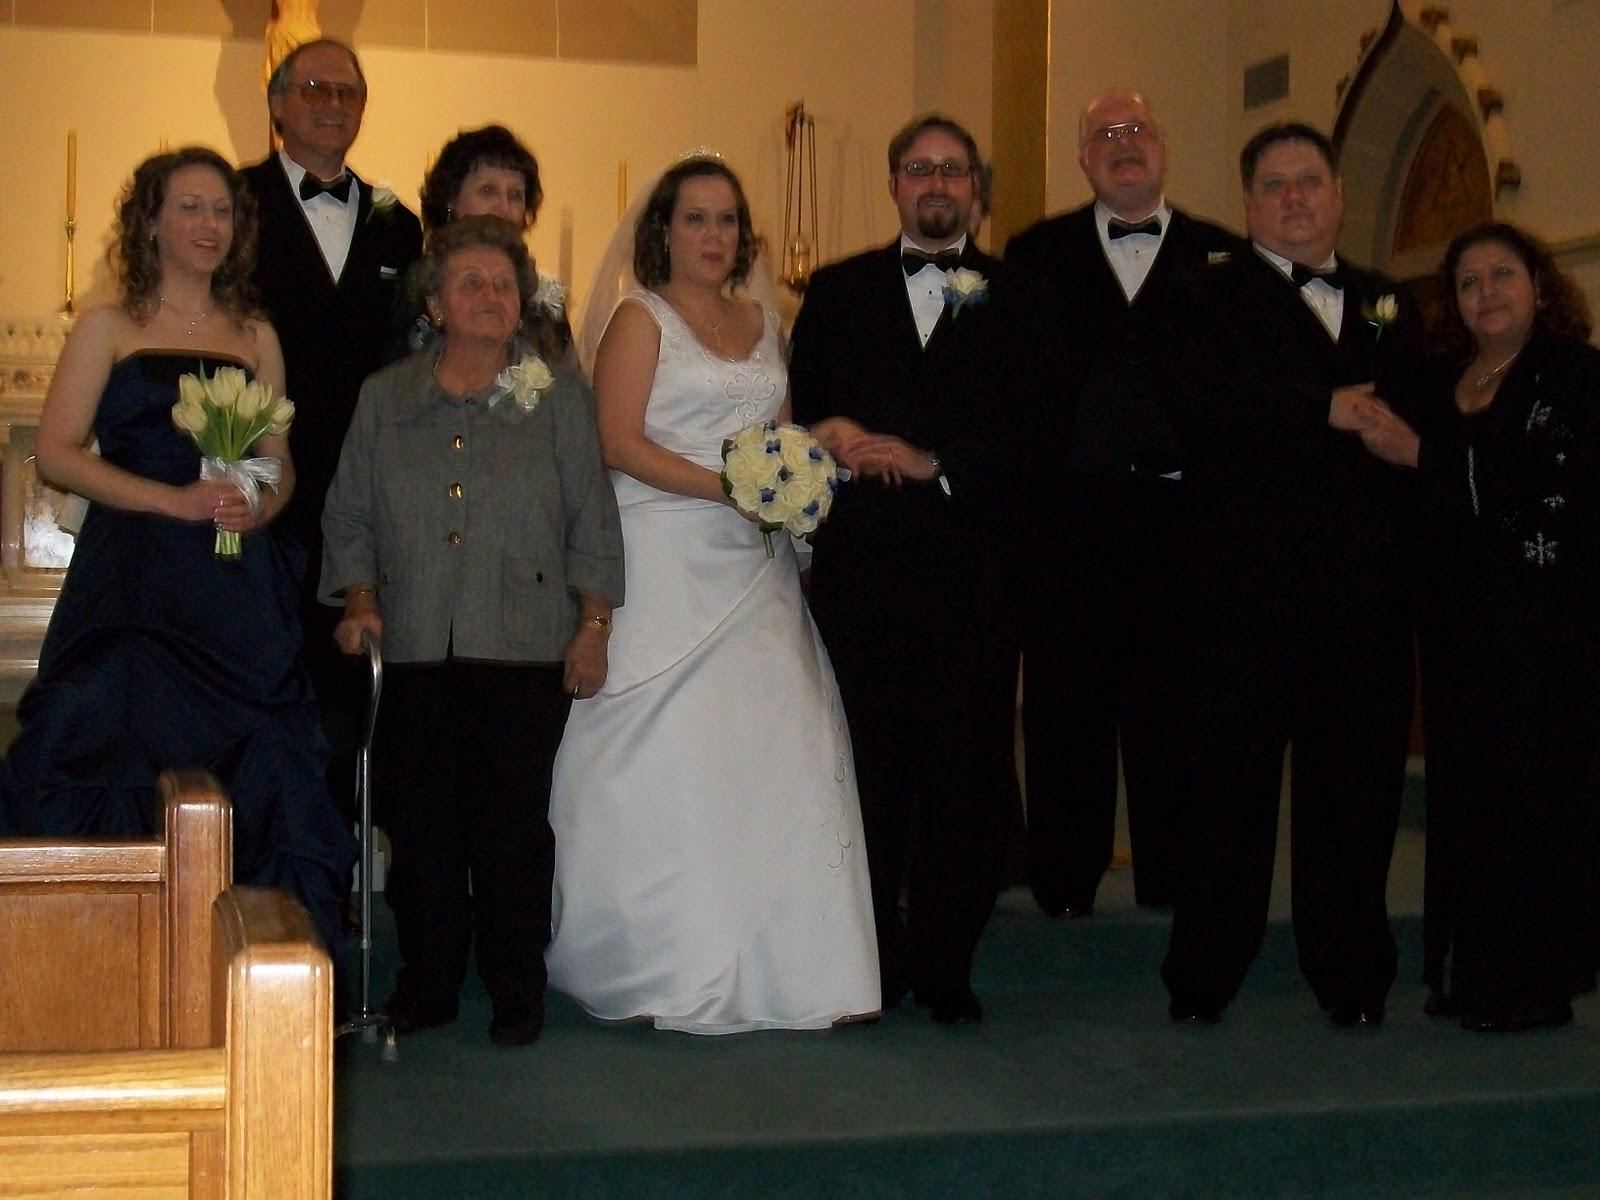 Our Wedding, photos by Joan Moeller - 100_0369.JPG